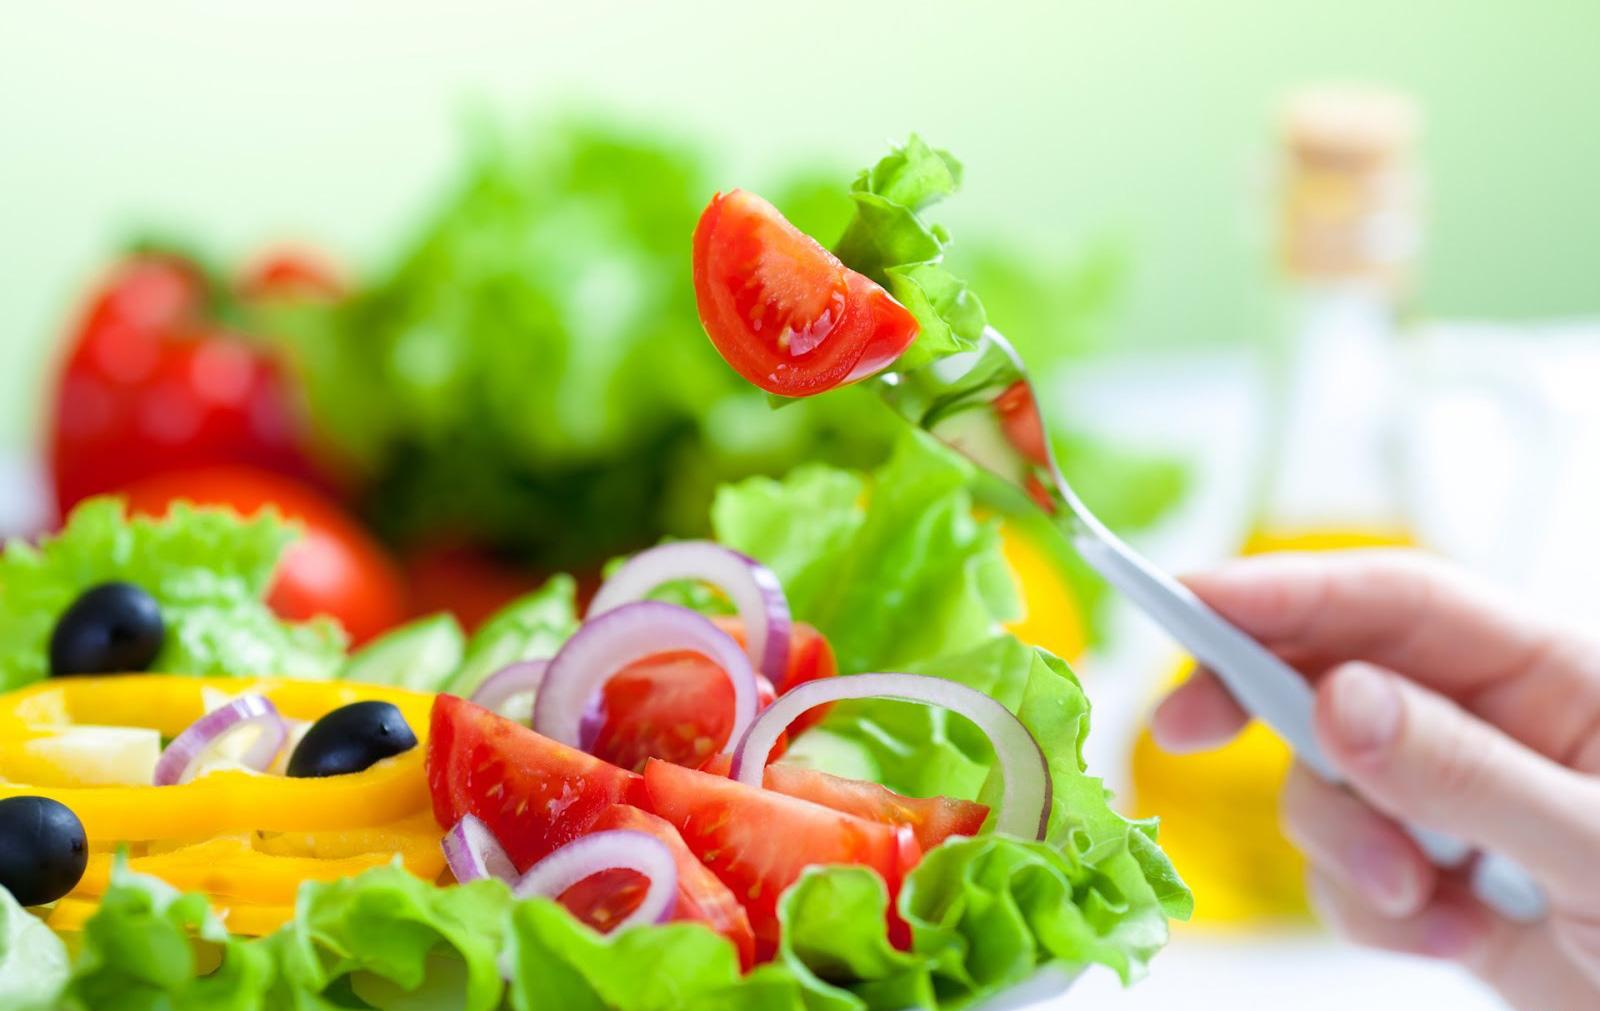 اشتباهات رایج که شما رو از داشتن یه وعده غذایی سالم محروم میکنه